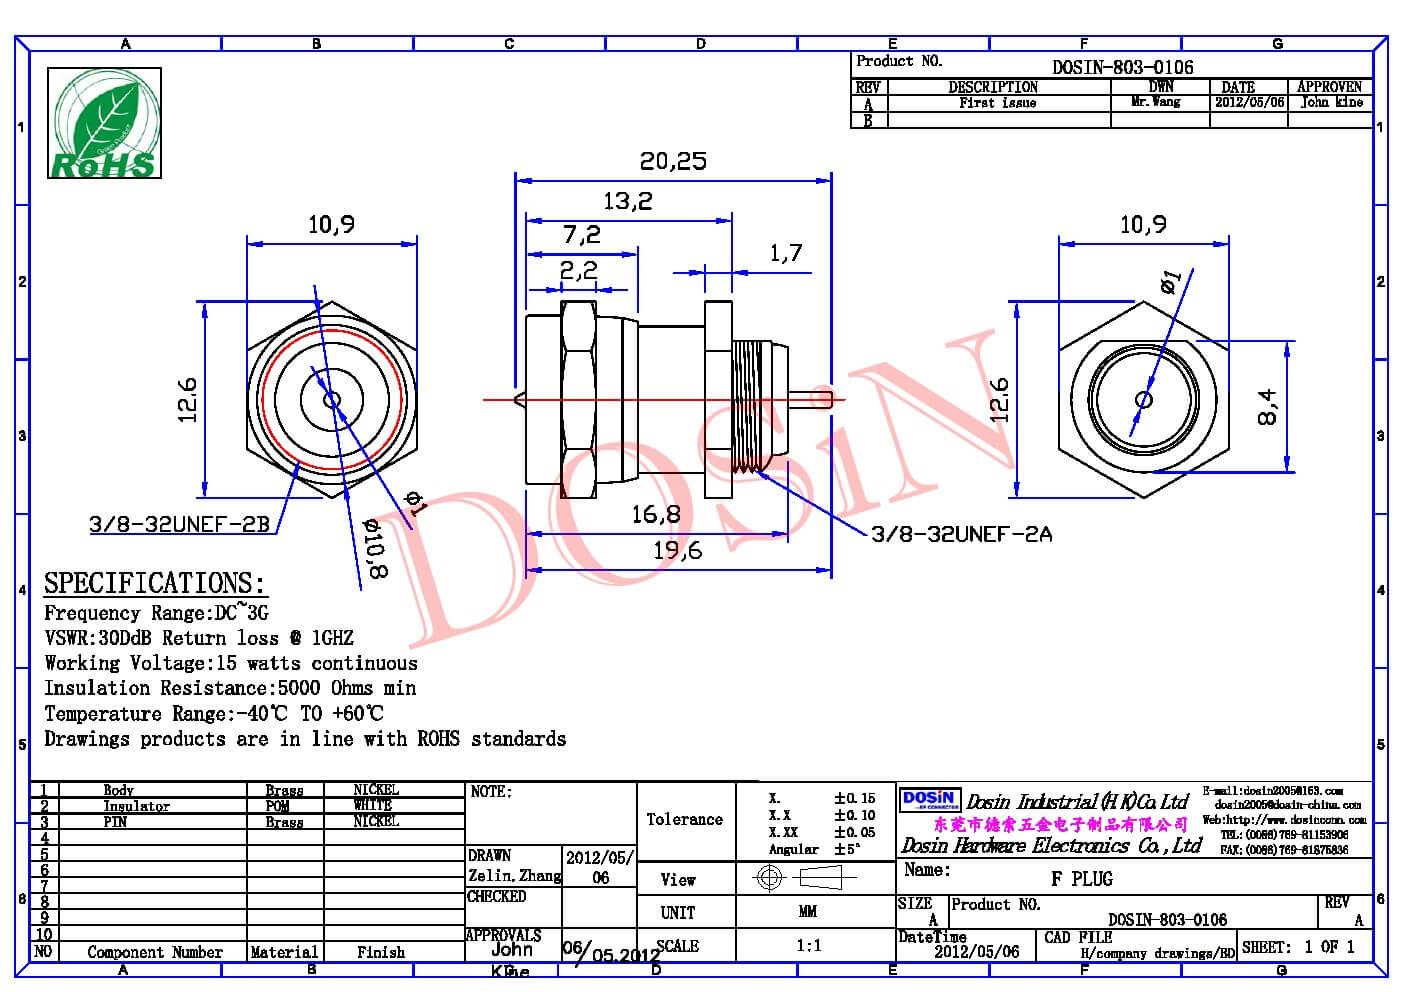 DOSIN-818-0037